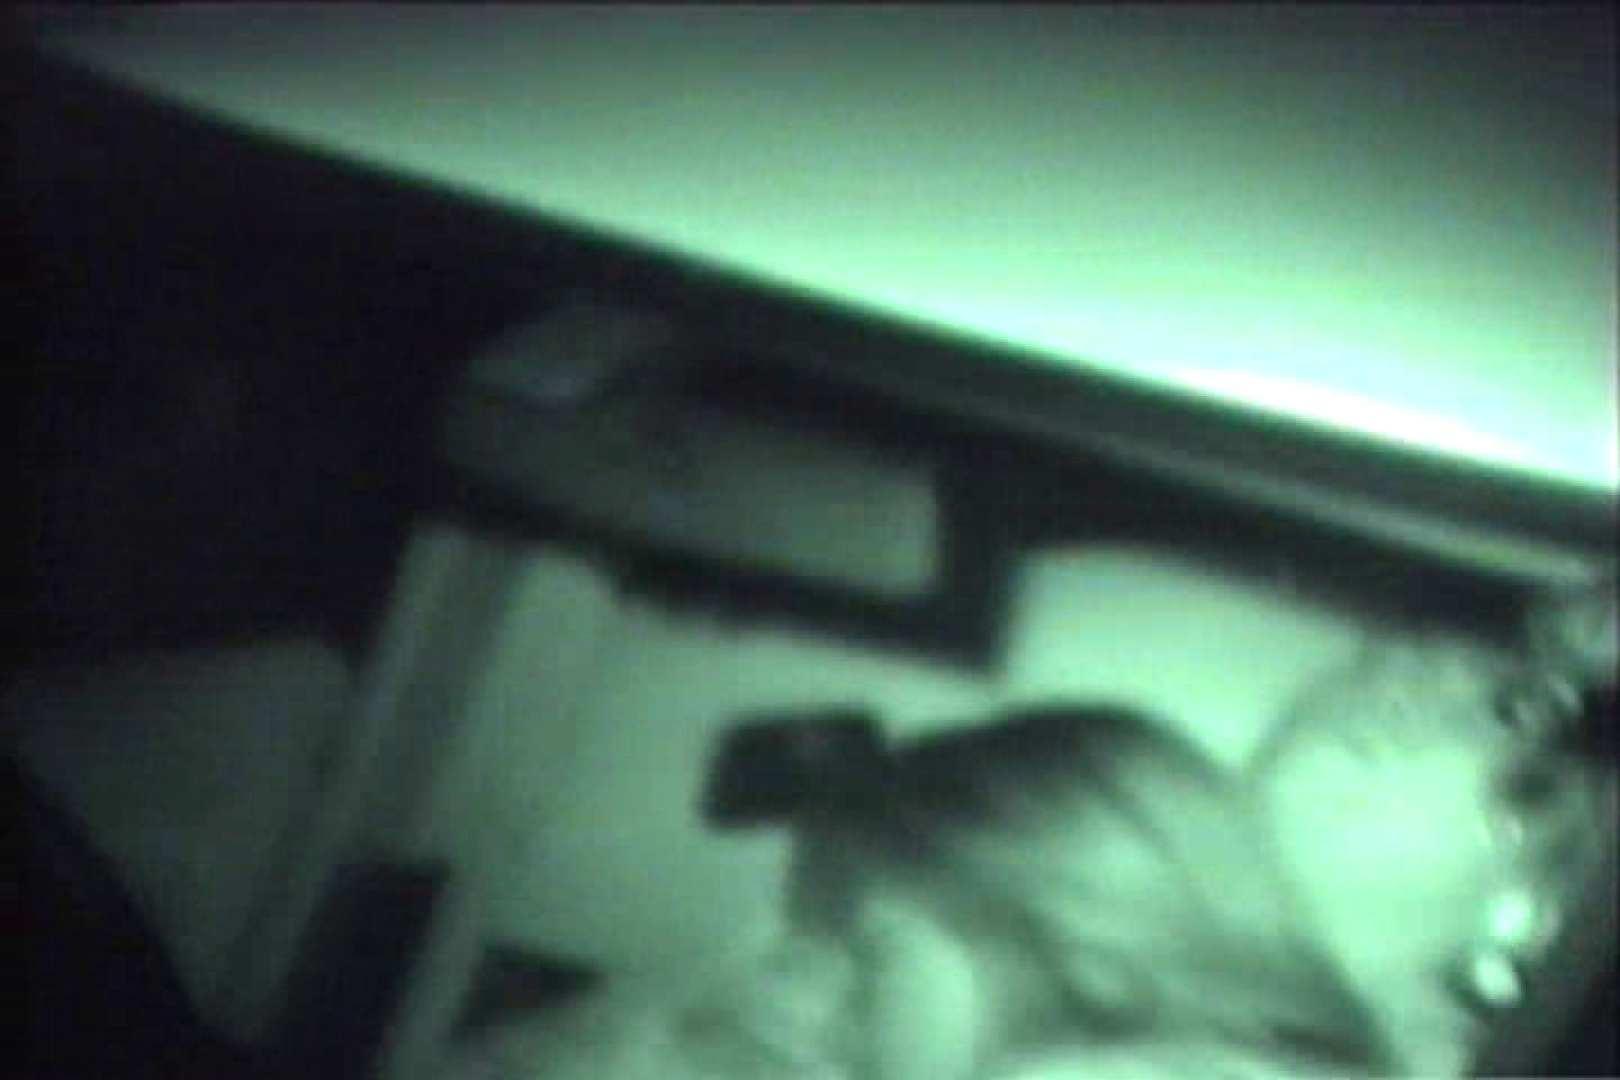 車の中はラブホテル 無修正版  Vol.17 ホテル  104連発 18